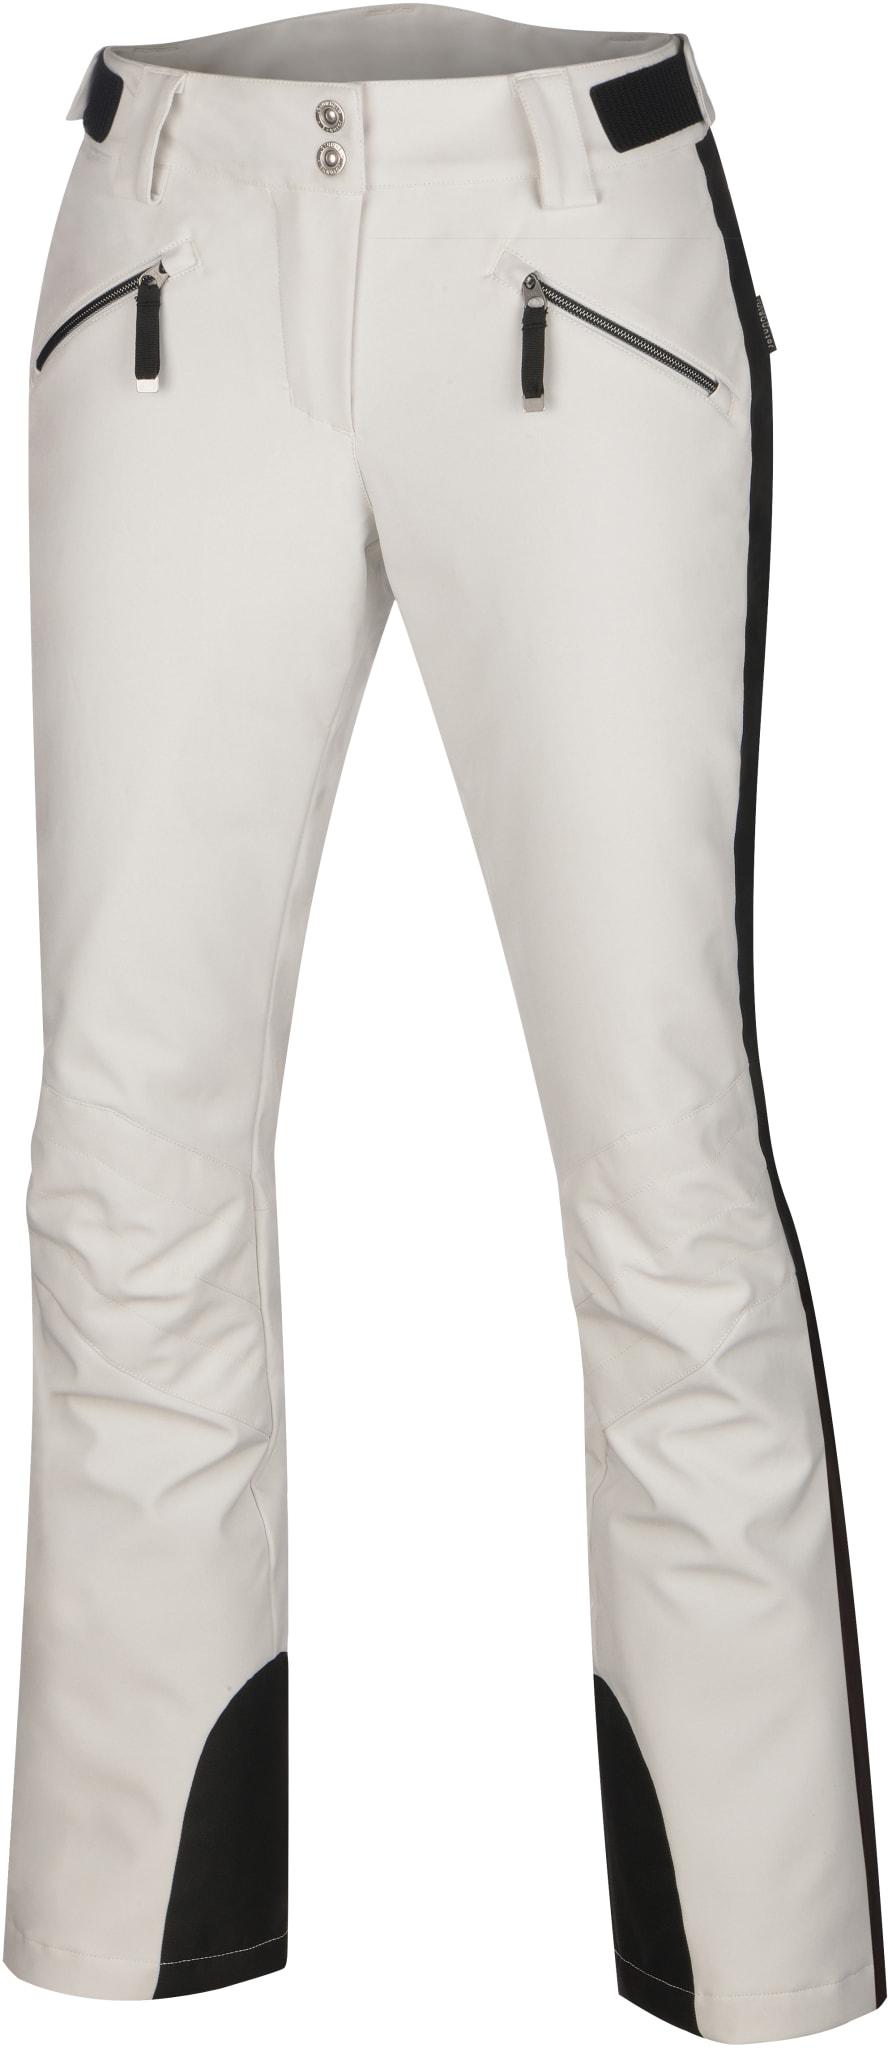 Gaia Bukse W